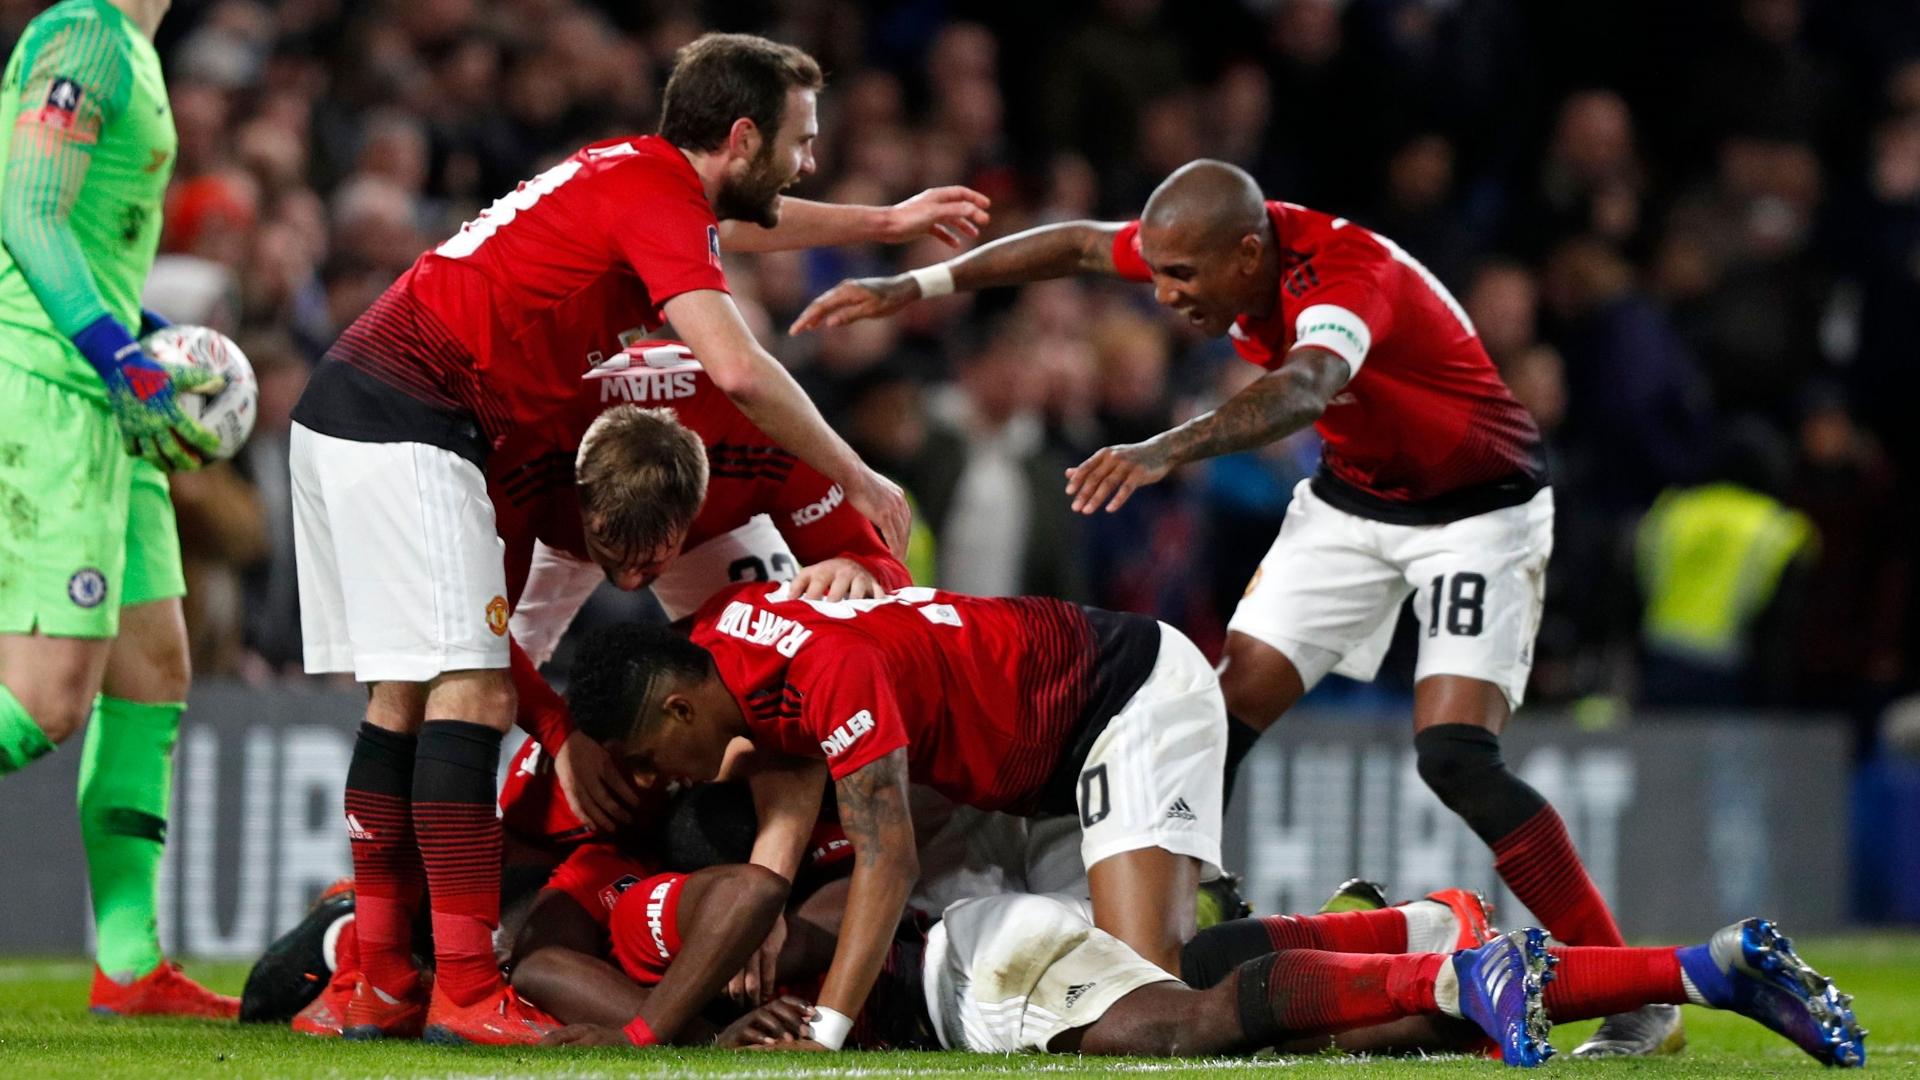 Manchester United celebrate vs Chelsea, FA Cup